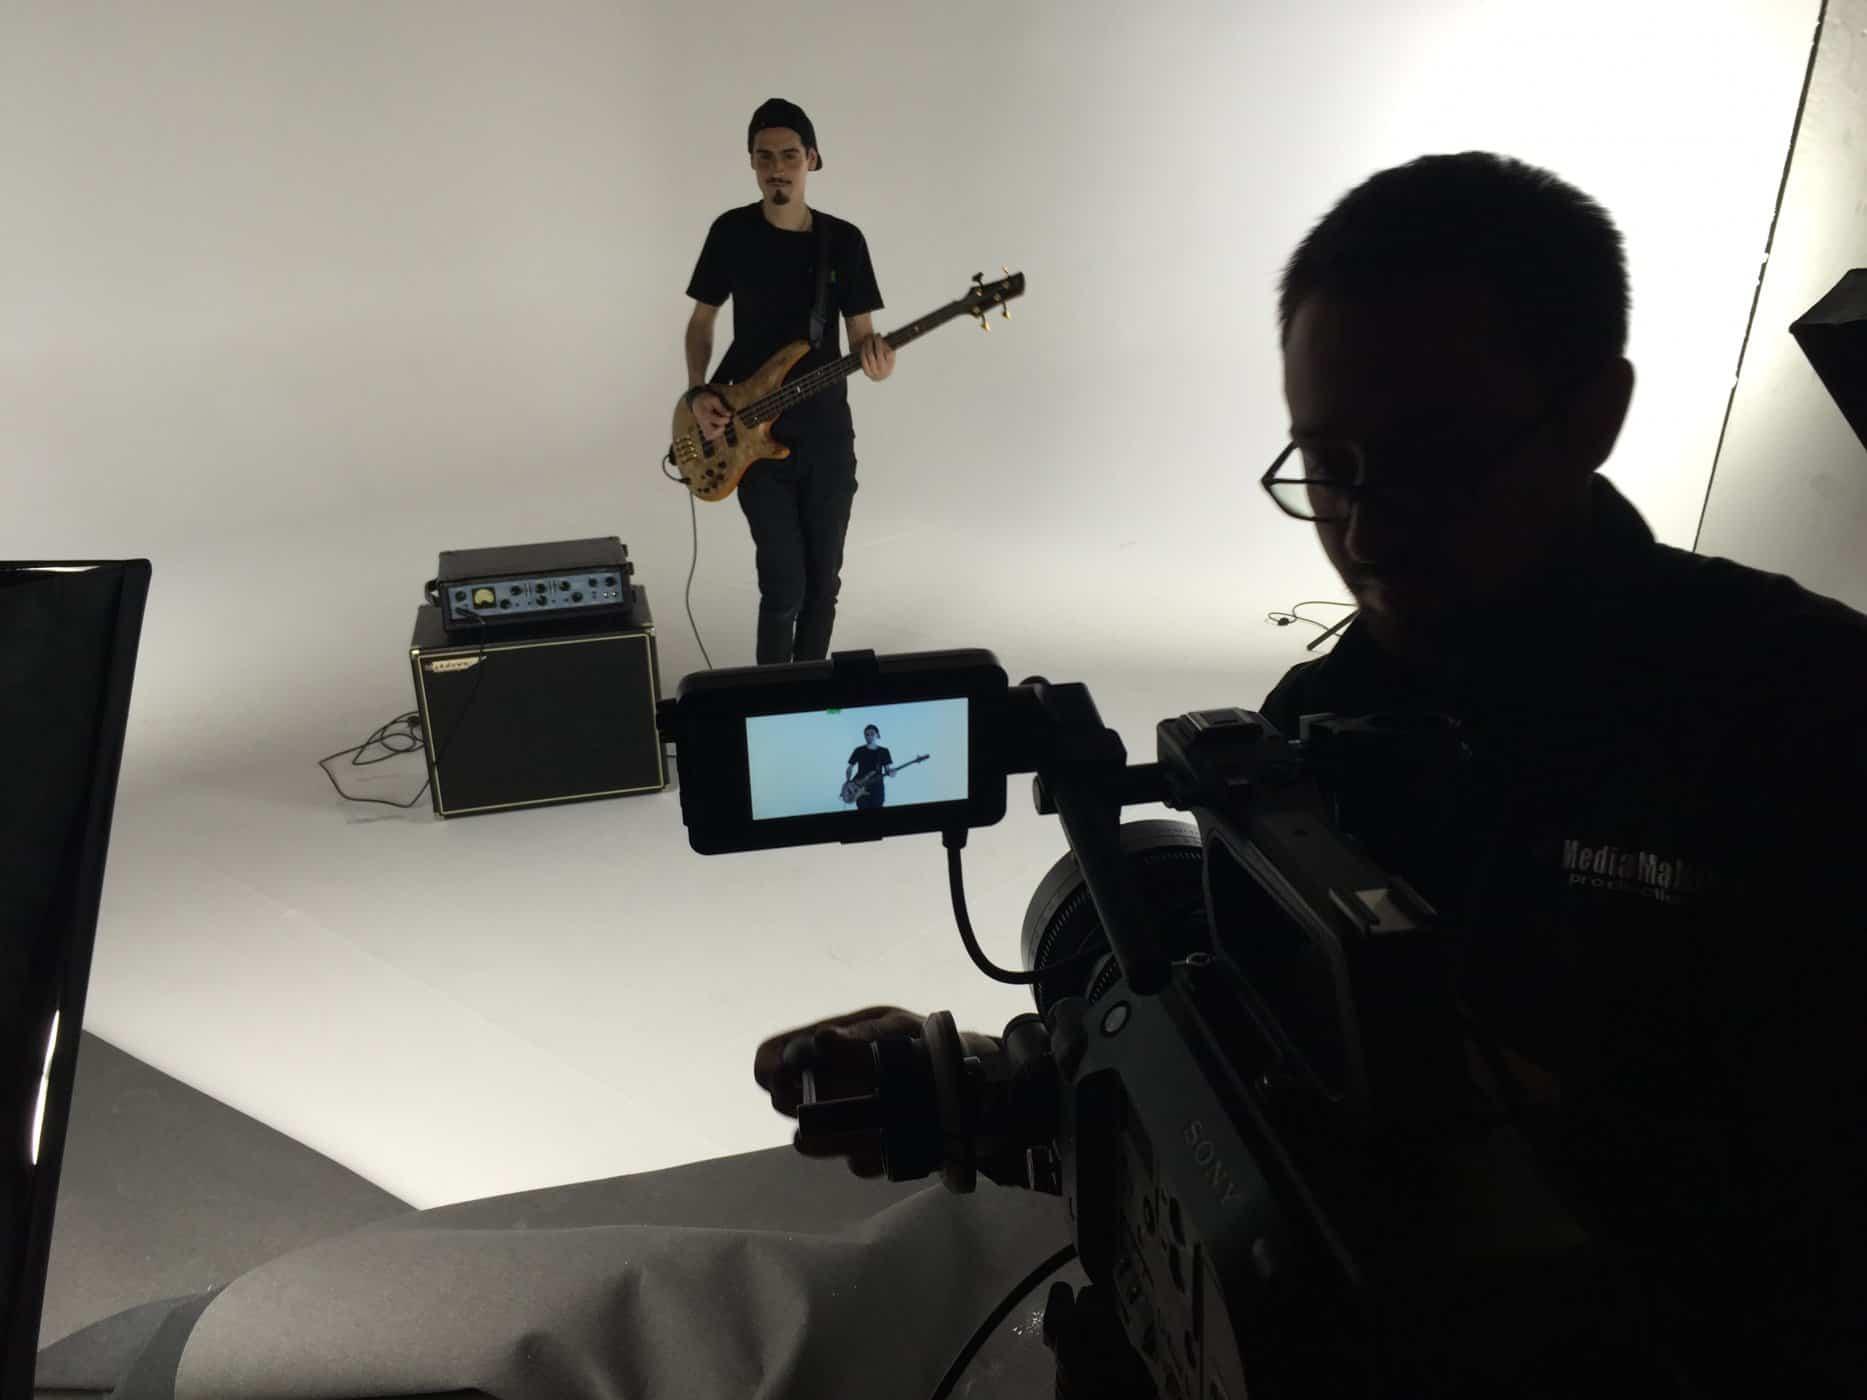 videoclip-musicali-videoproduzioni-postproduzione-band-artisti-emergenti-video-riprese (16)